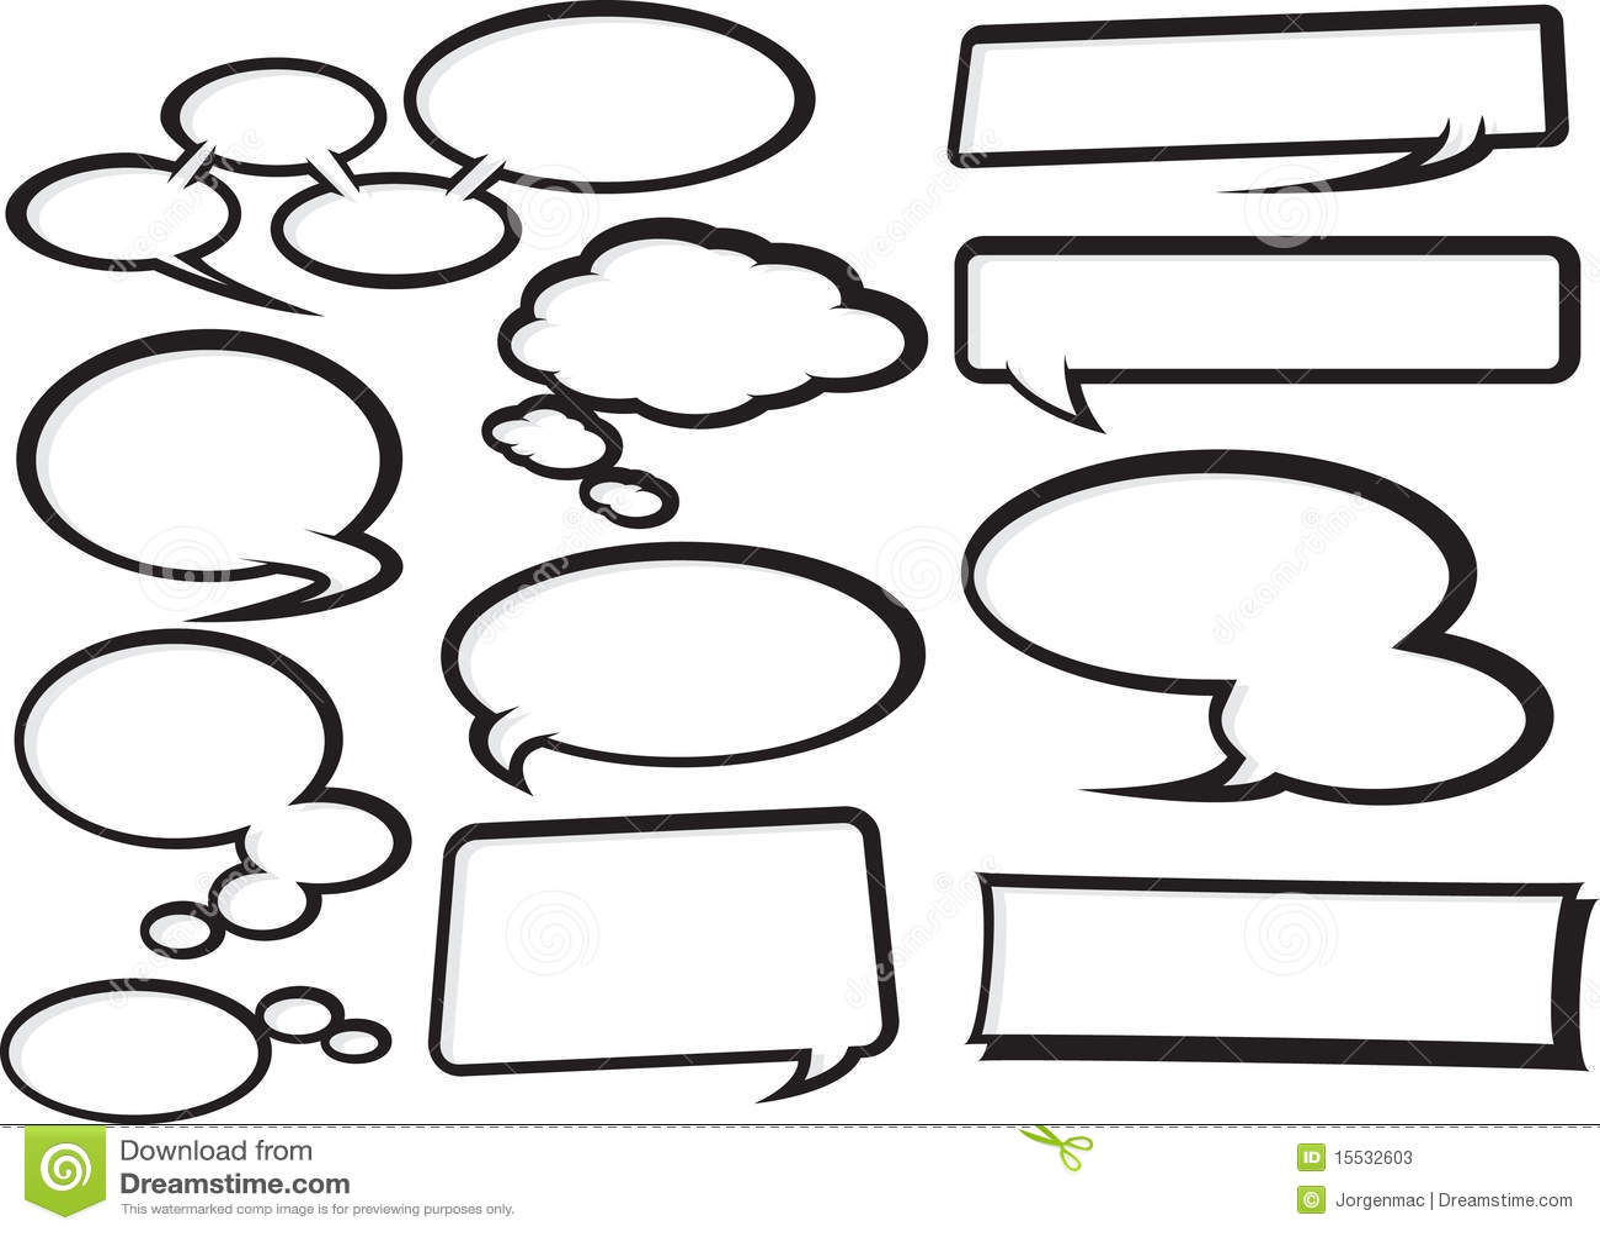 Cartoon Speech Bubble Collection 1 Stock Photos - Image: 15532603